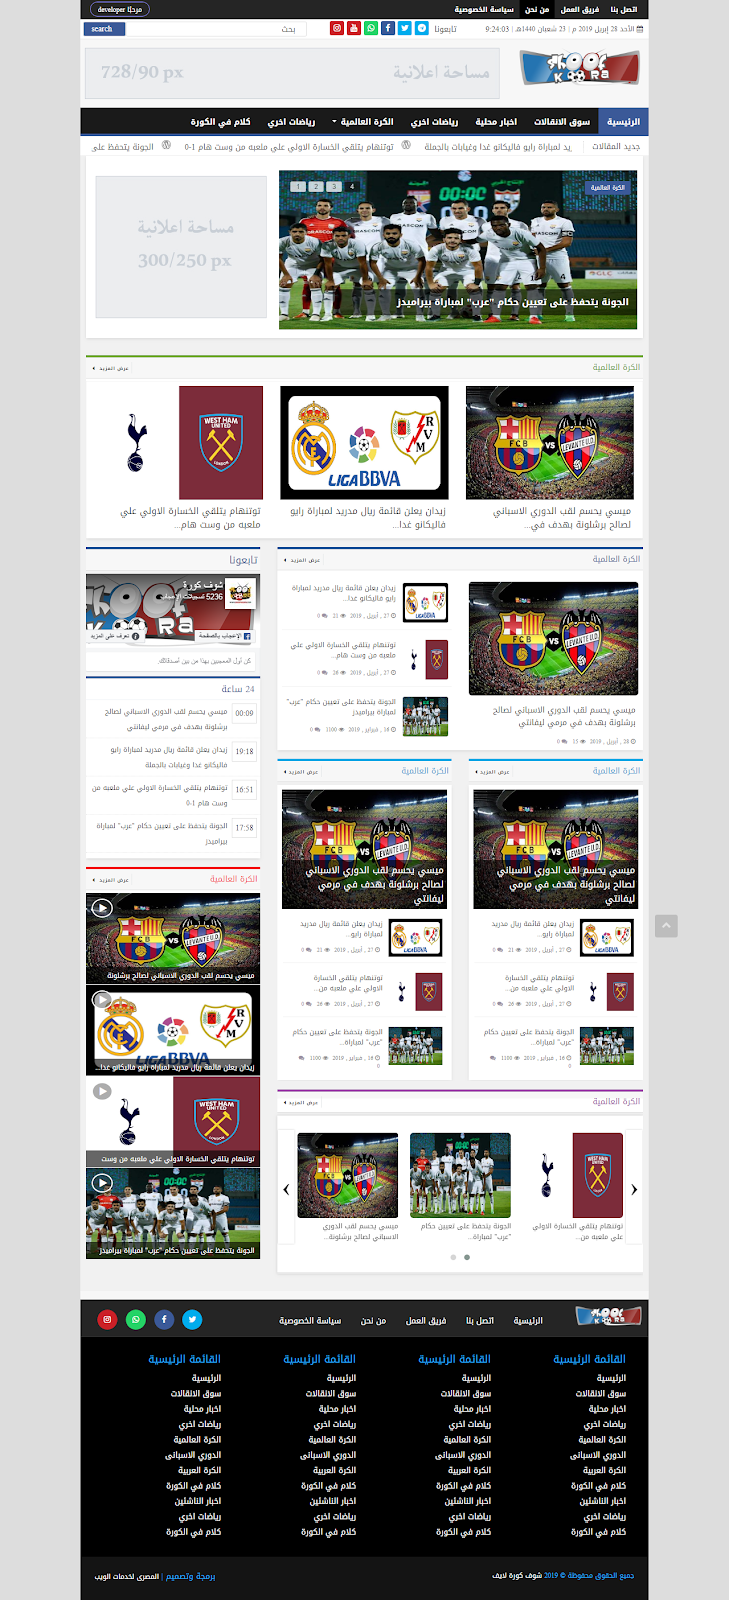 ( sportHE ) قالب ووردبريس رياضى + صفحة خاصة بالبث المباشر